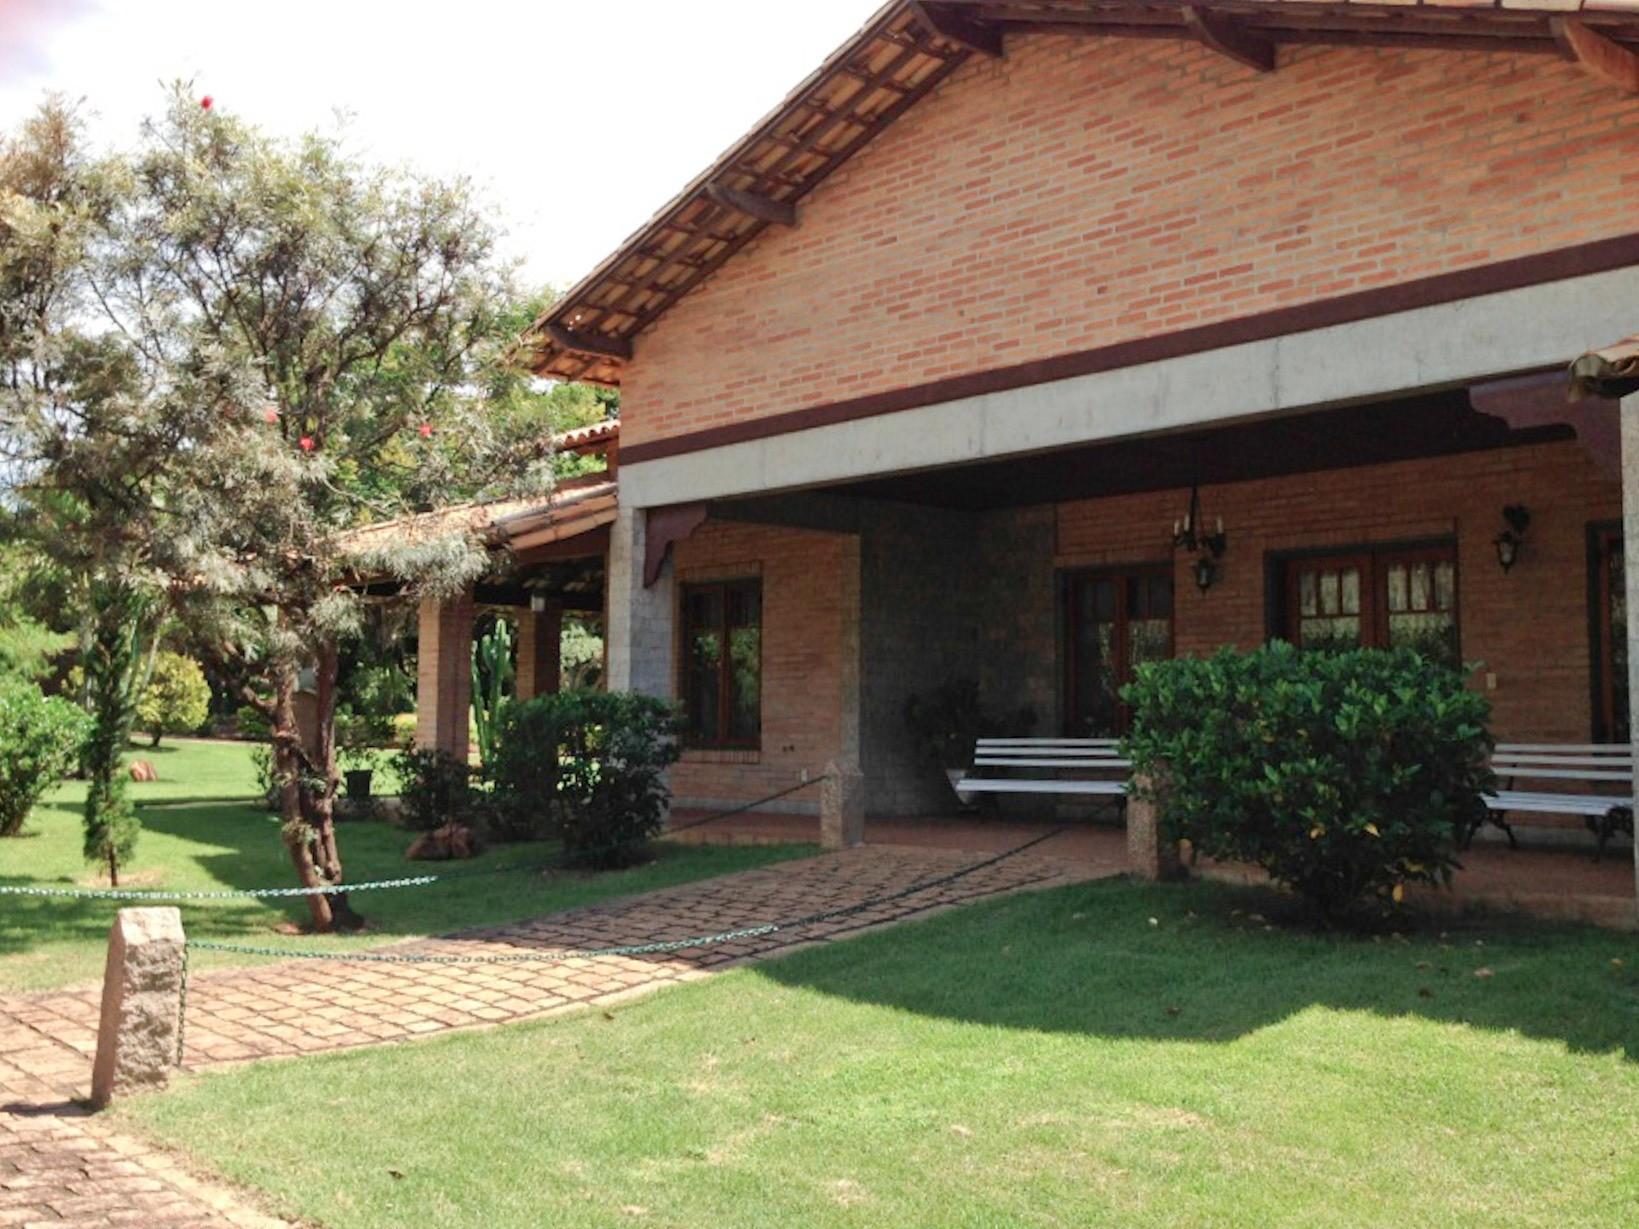 Condomínio de 4 dormitórios à venda em Duas Marias, Jaguariuna - SP